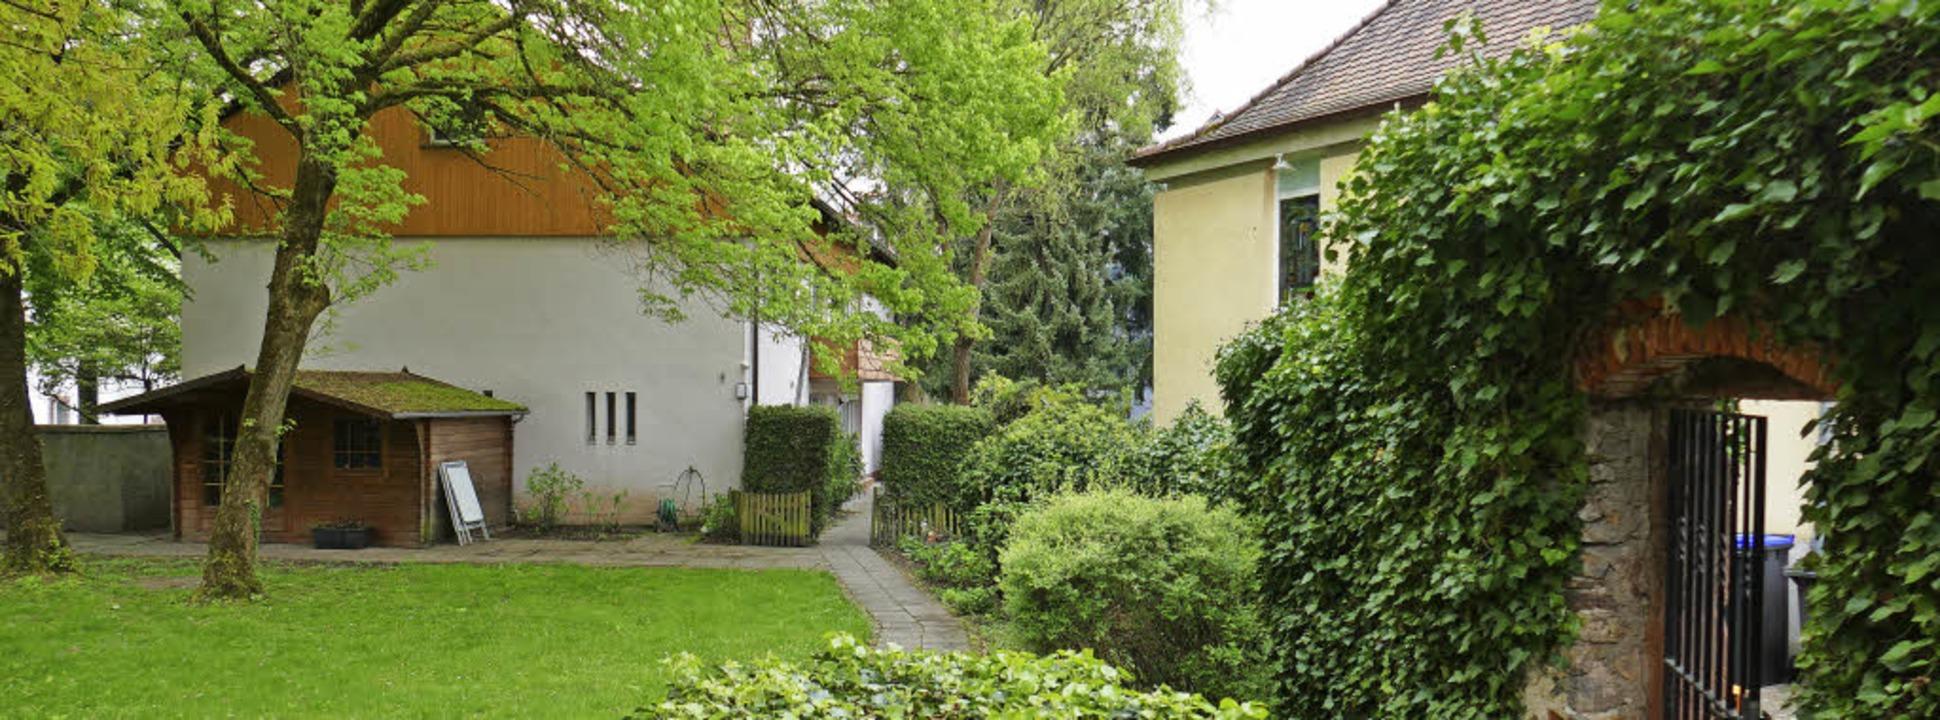 Links das marode Pfarrhaus, rechts das...nicht mehr den heutigen Anforderungen.  | Foto: Sylvia-Karina Jahn